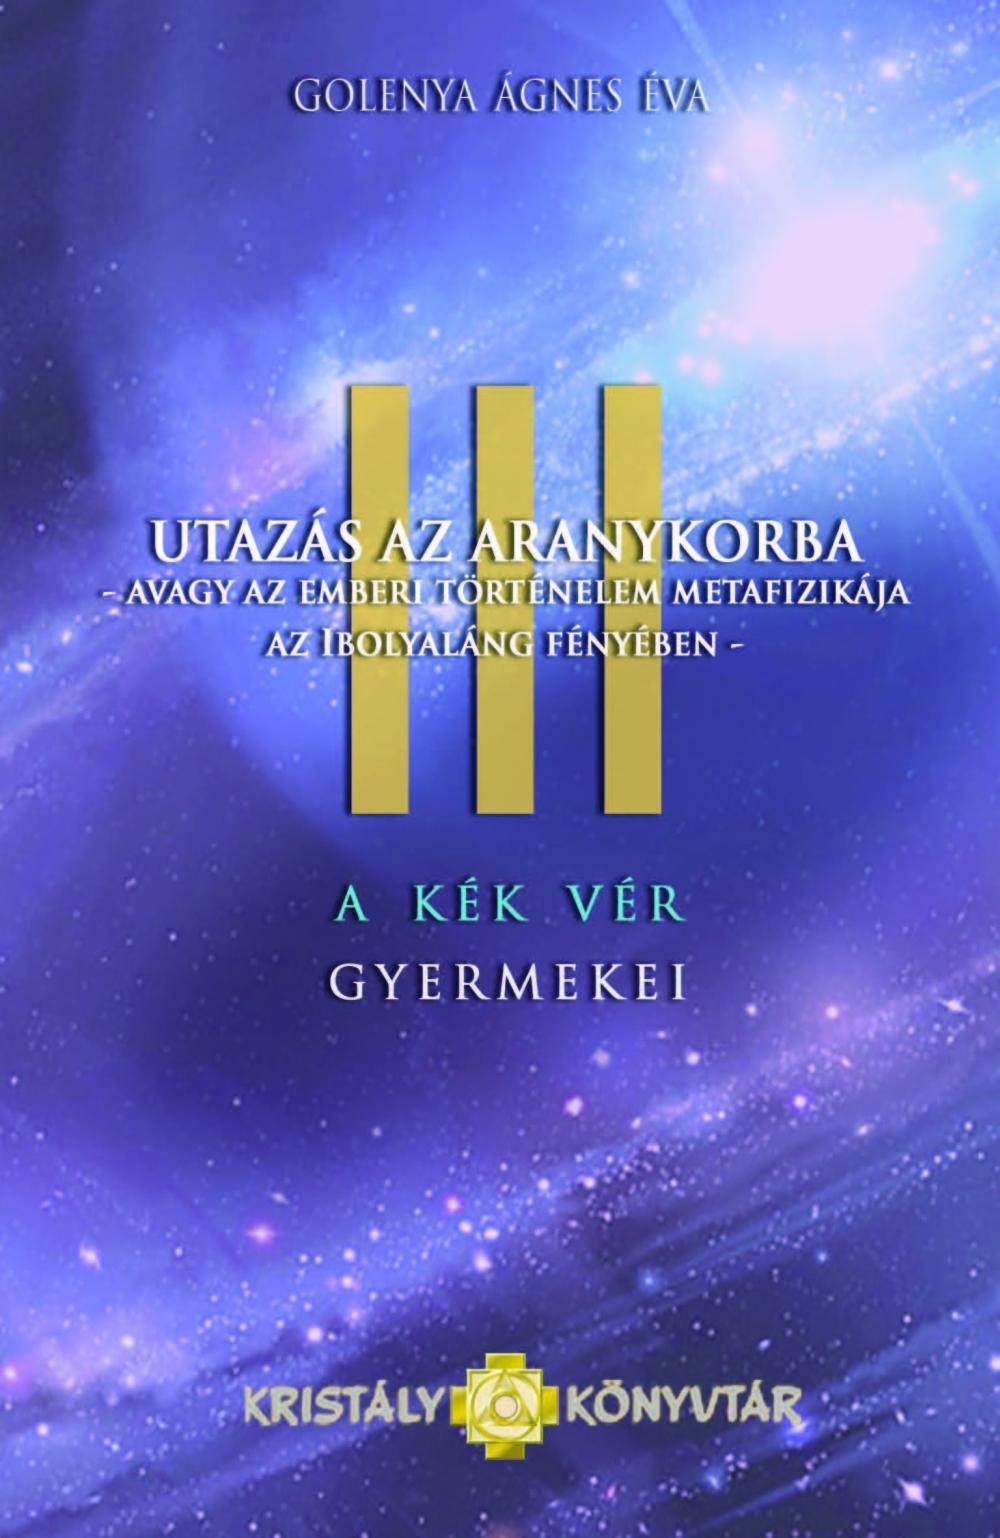 UTAZÁS AZ ARANYKORBA - A KÉK VÉR GYERMEKEI III.